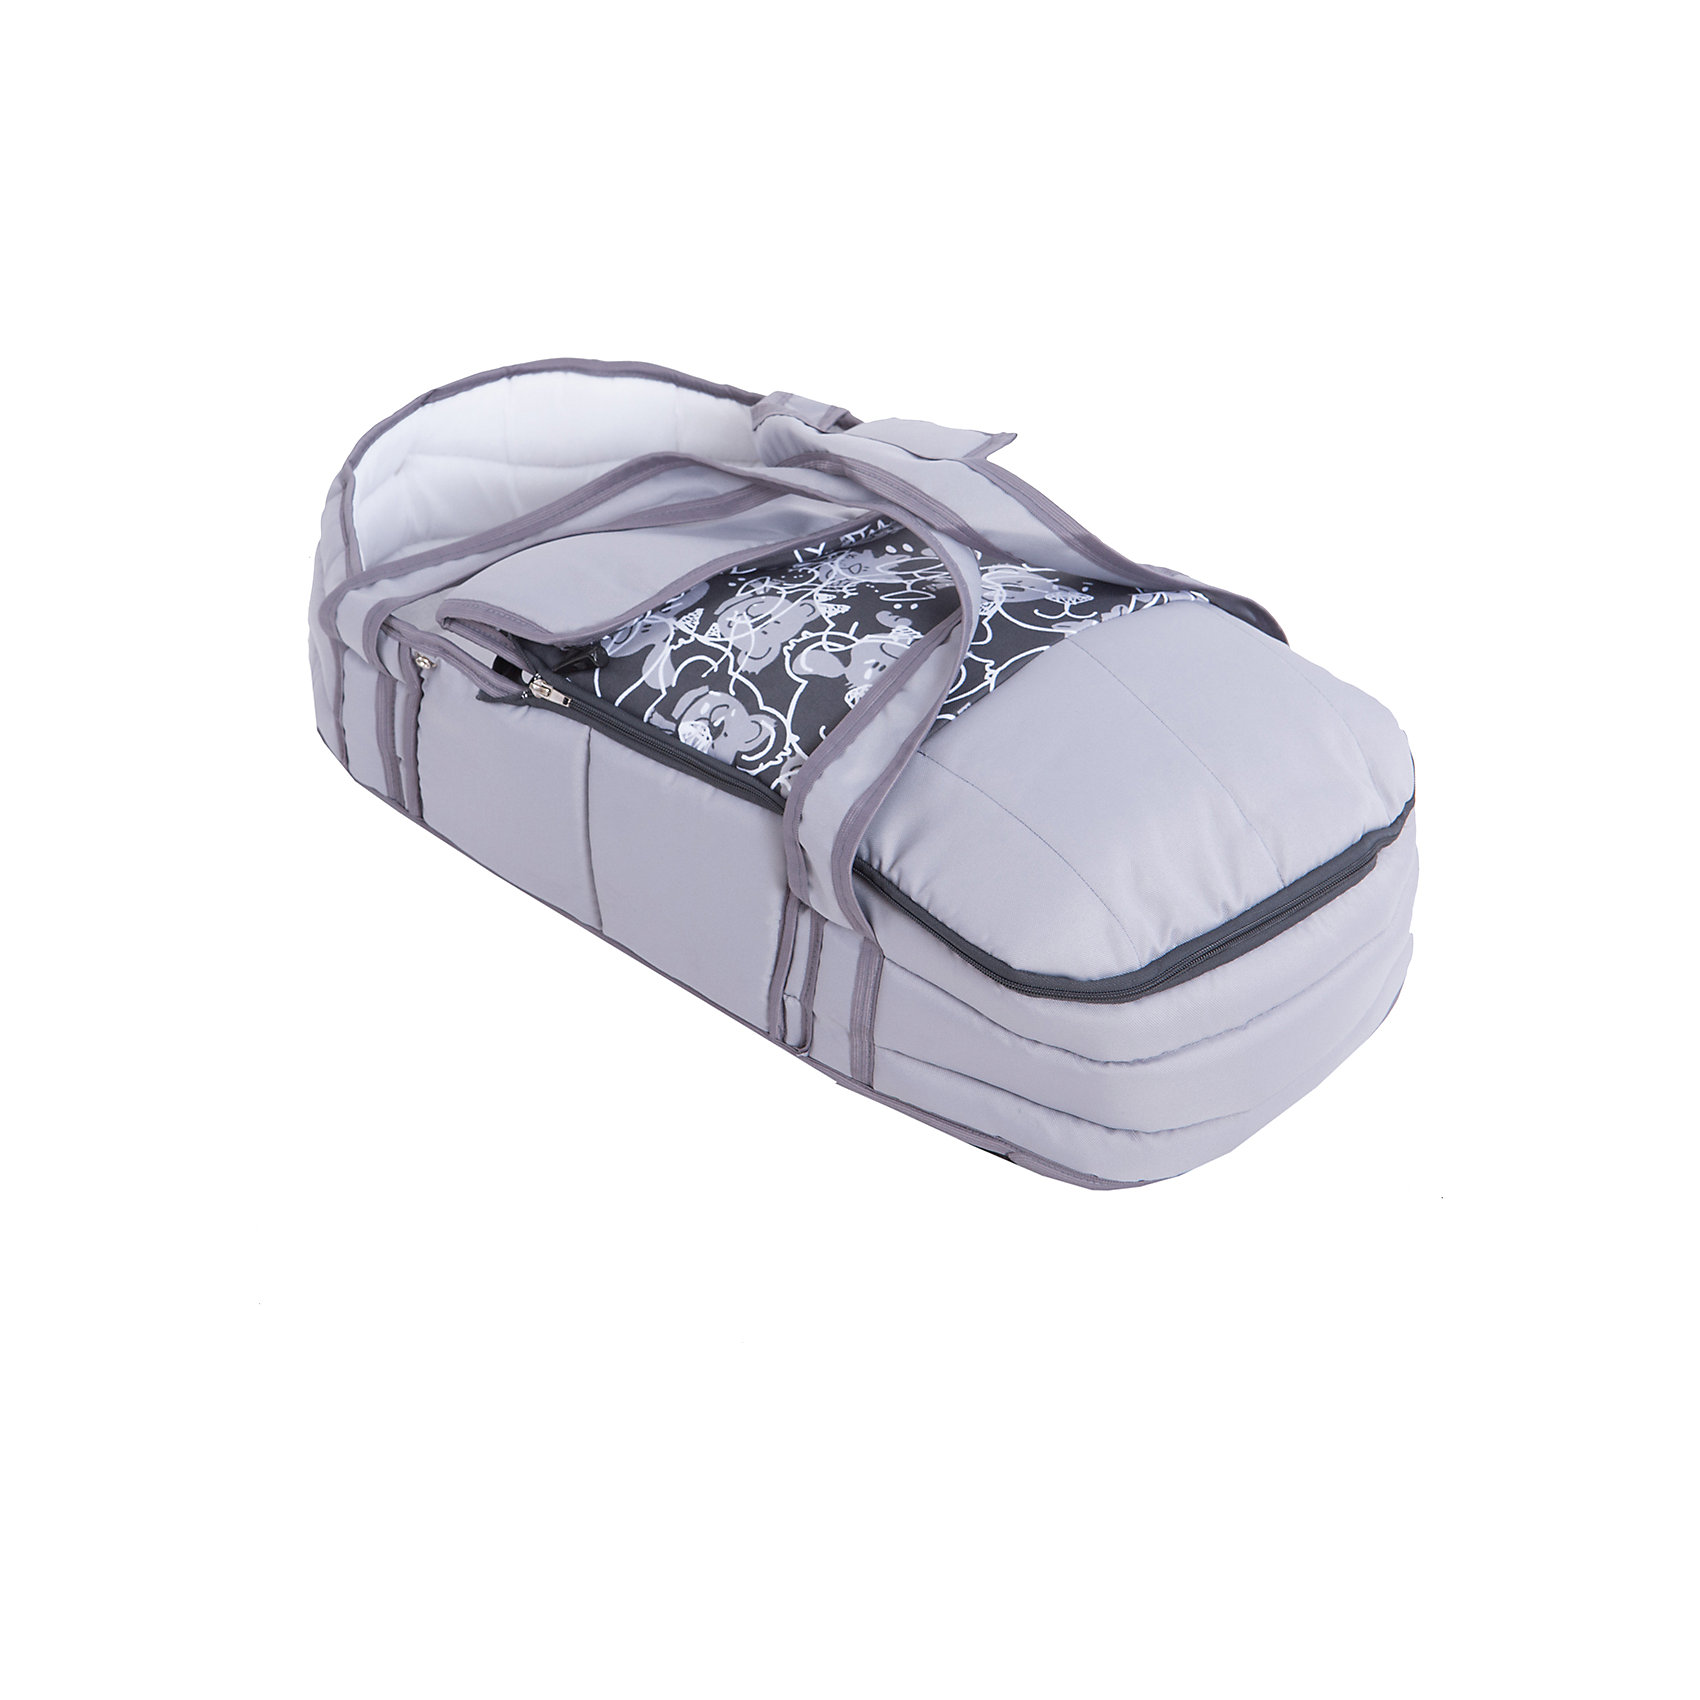 Коляска-трансформер Marimex Classic, серый с принтом